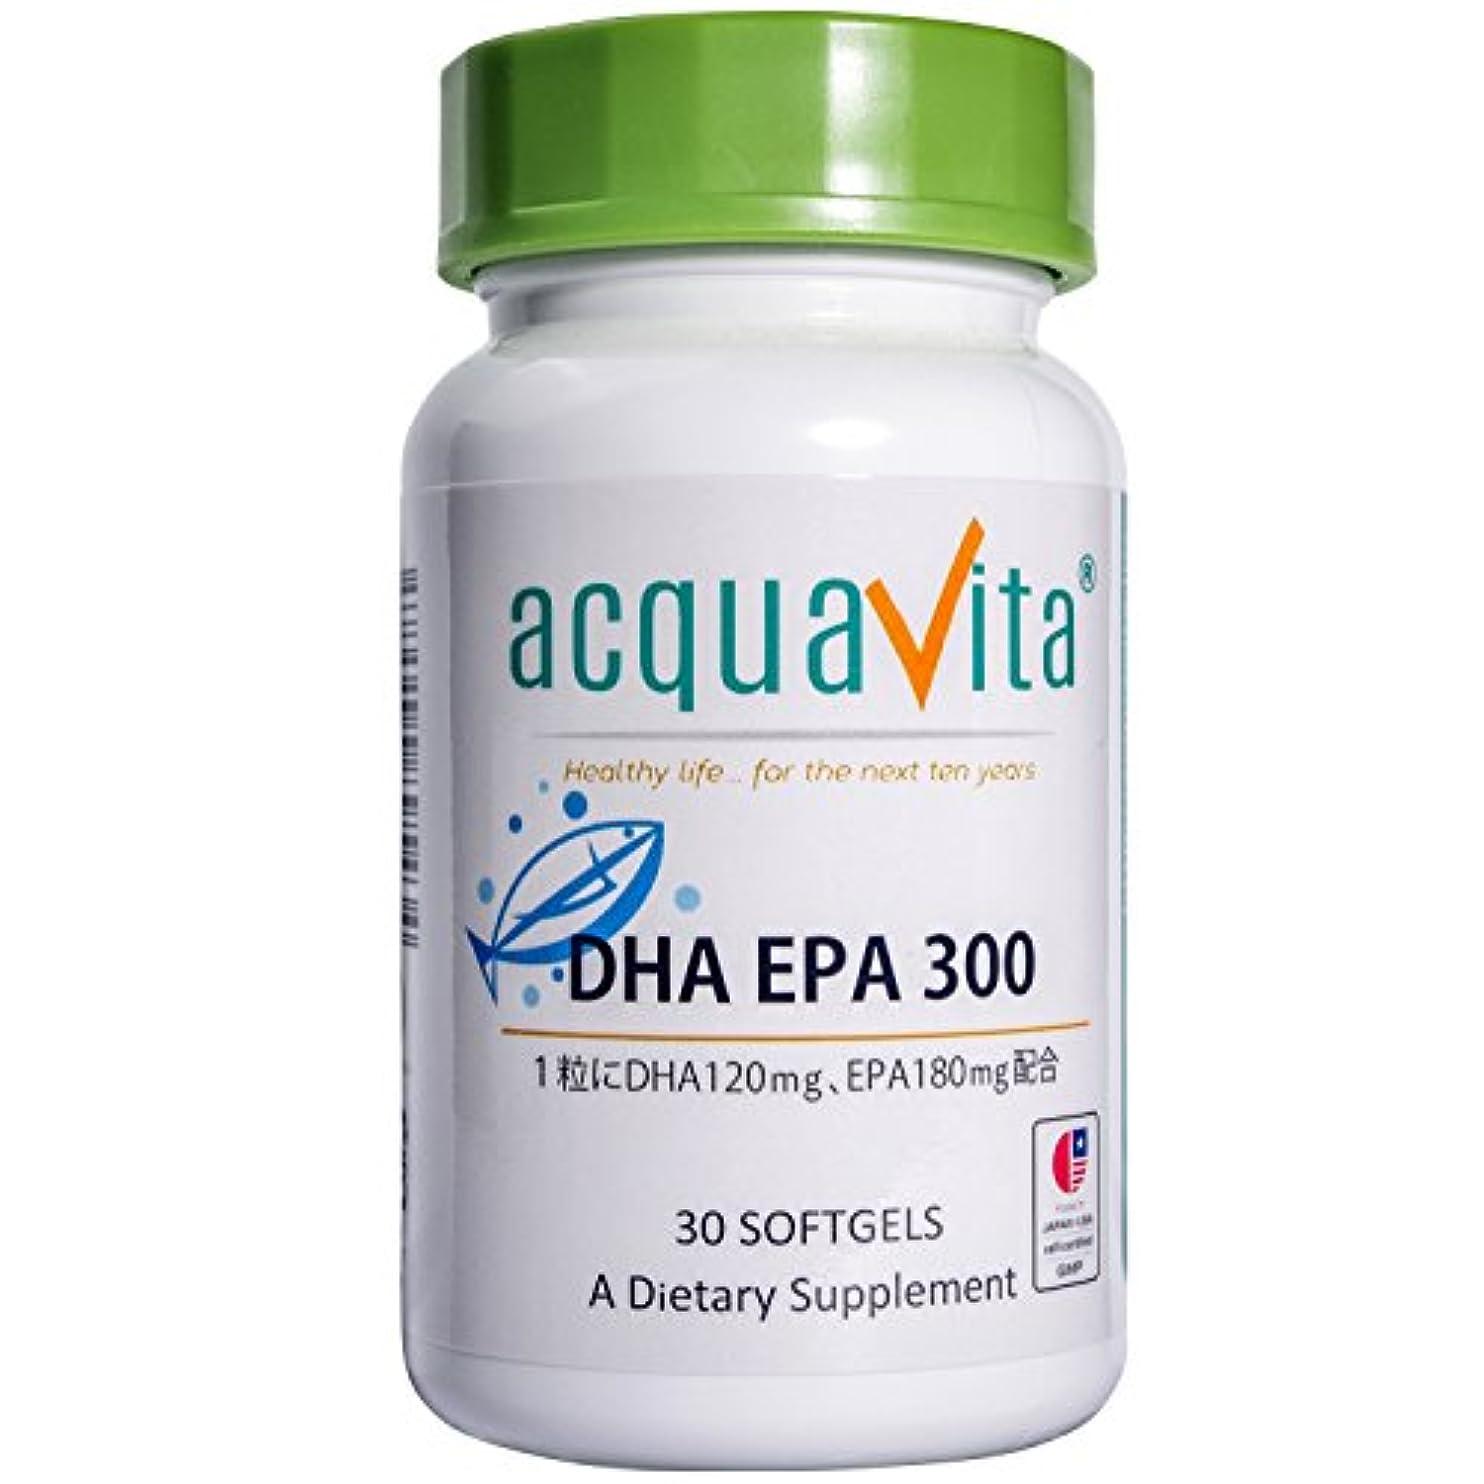 適用済み同情的変色するacquavita(アクアヴィータ)DHA EPA300 30粒